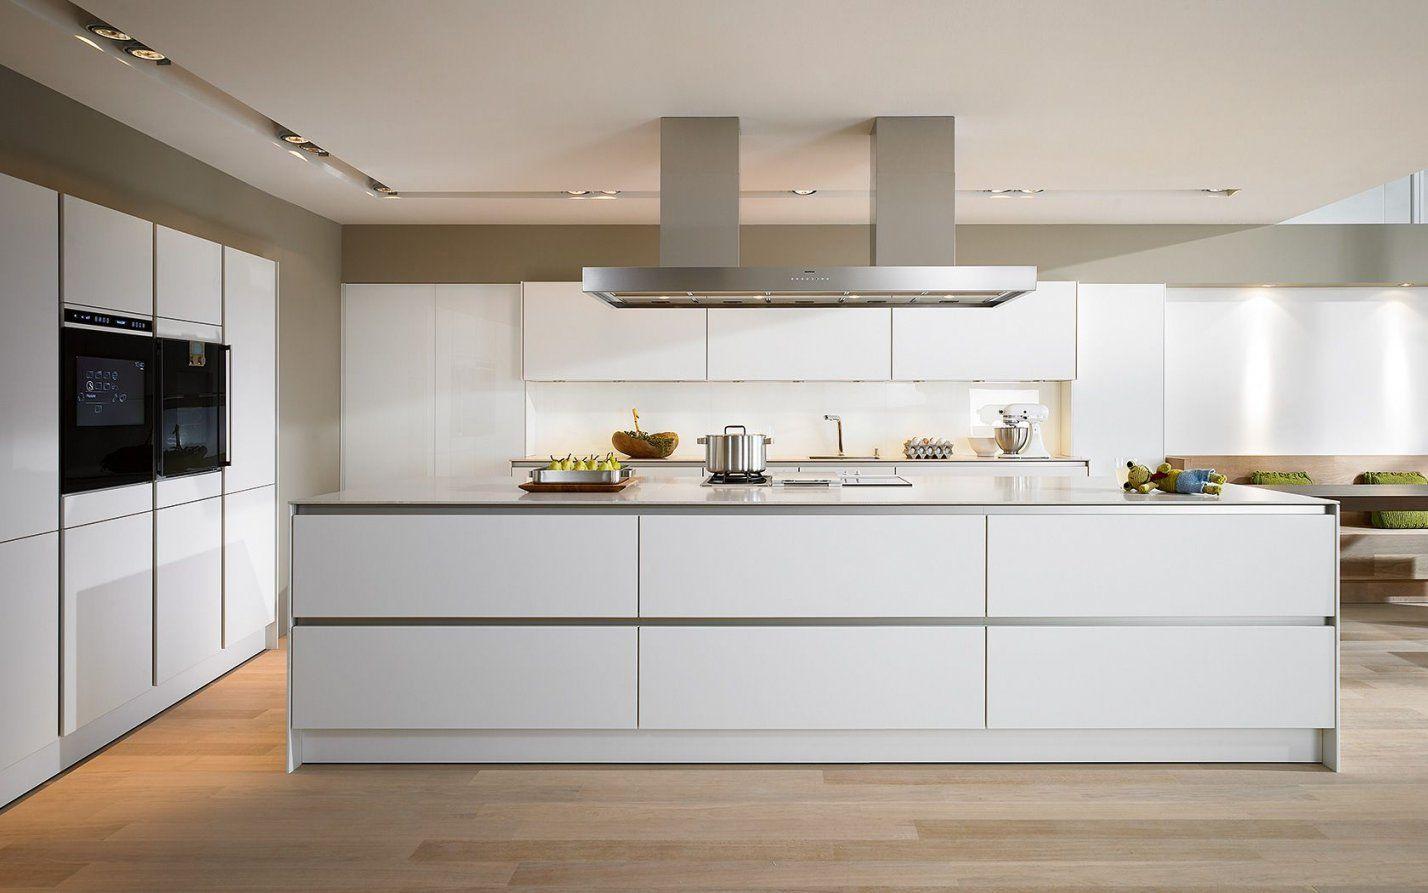 Moderne Küche Ohne Griff S2  Siematic …  Pinteres… von Ikea Küche Ohne Griffe Bild